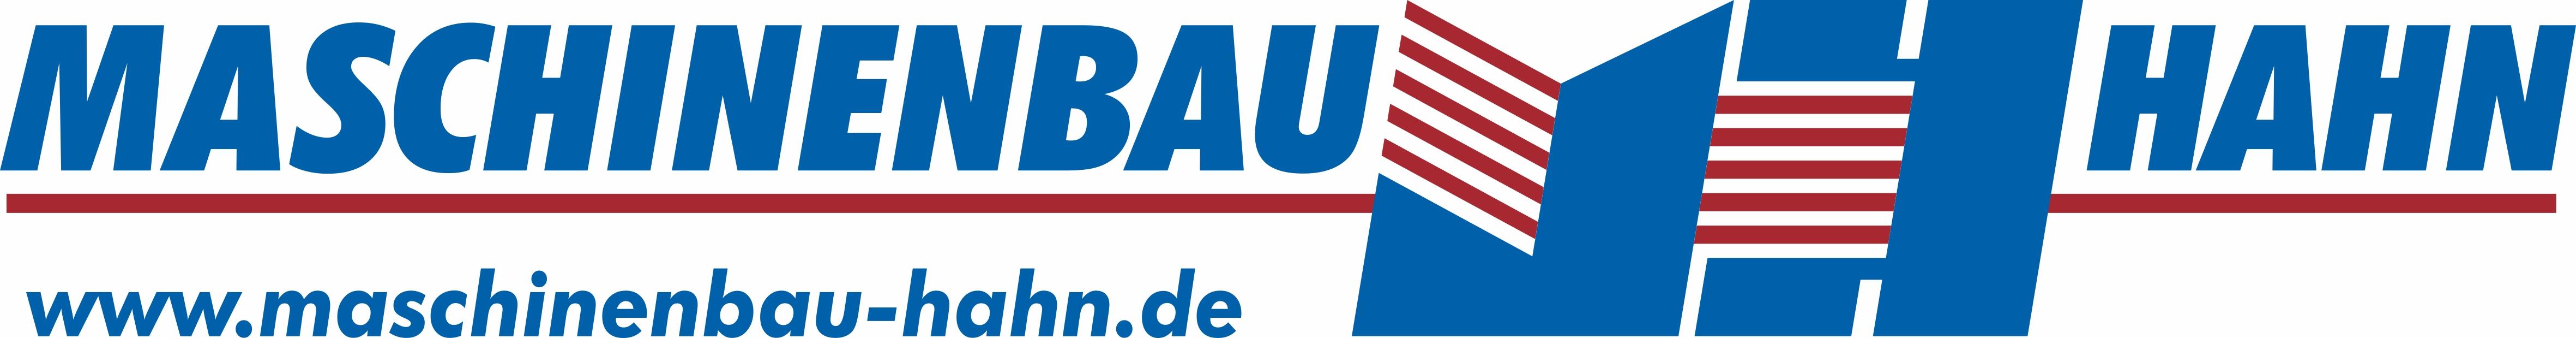 Maschinenbau Hahn GmbH & Co. KG